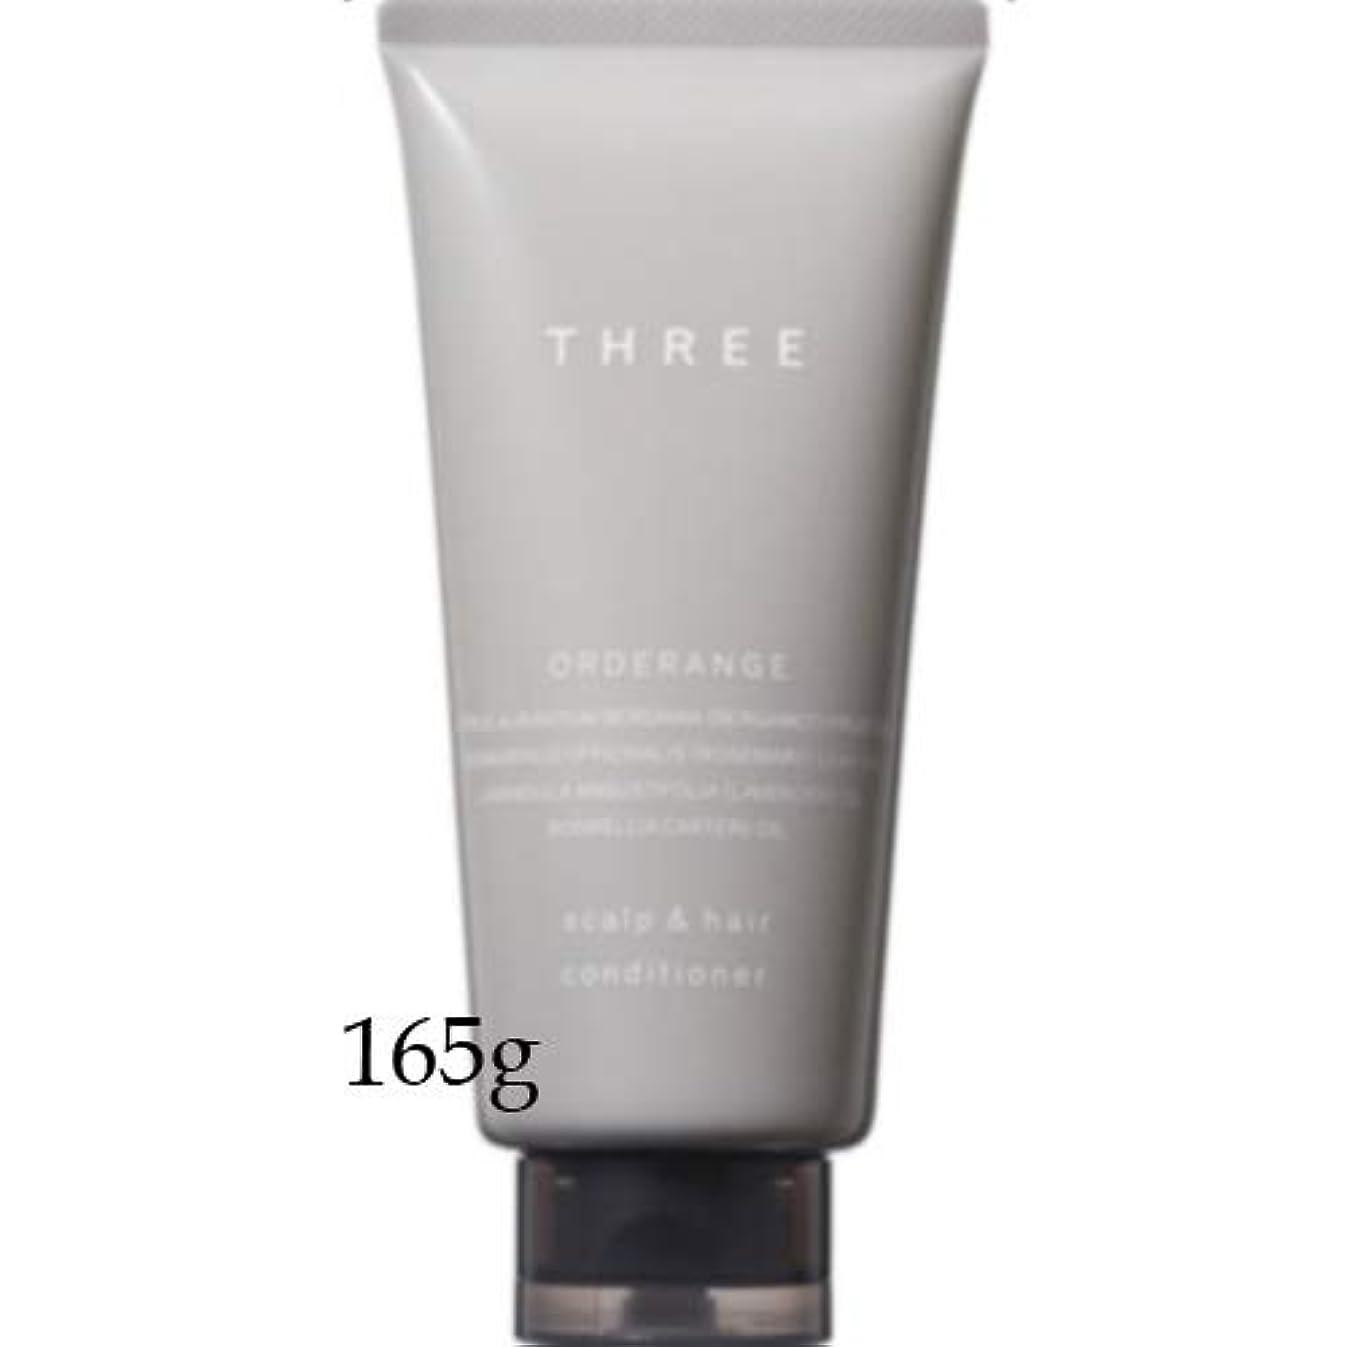 コロニアル嫉妬論理的THREE(スリー) スキャルプ&ヘア オーダレンジ コンディショナー R 165g